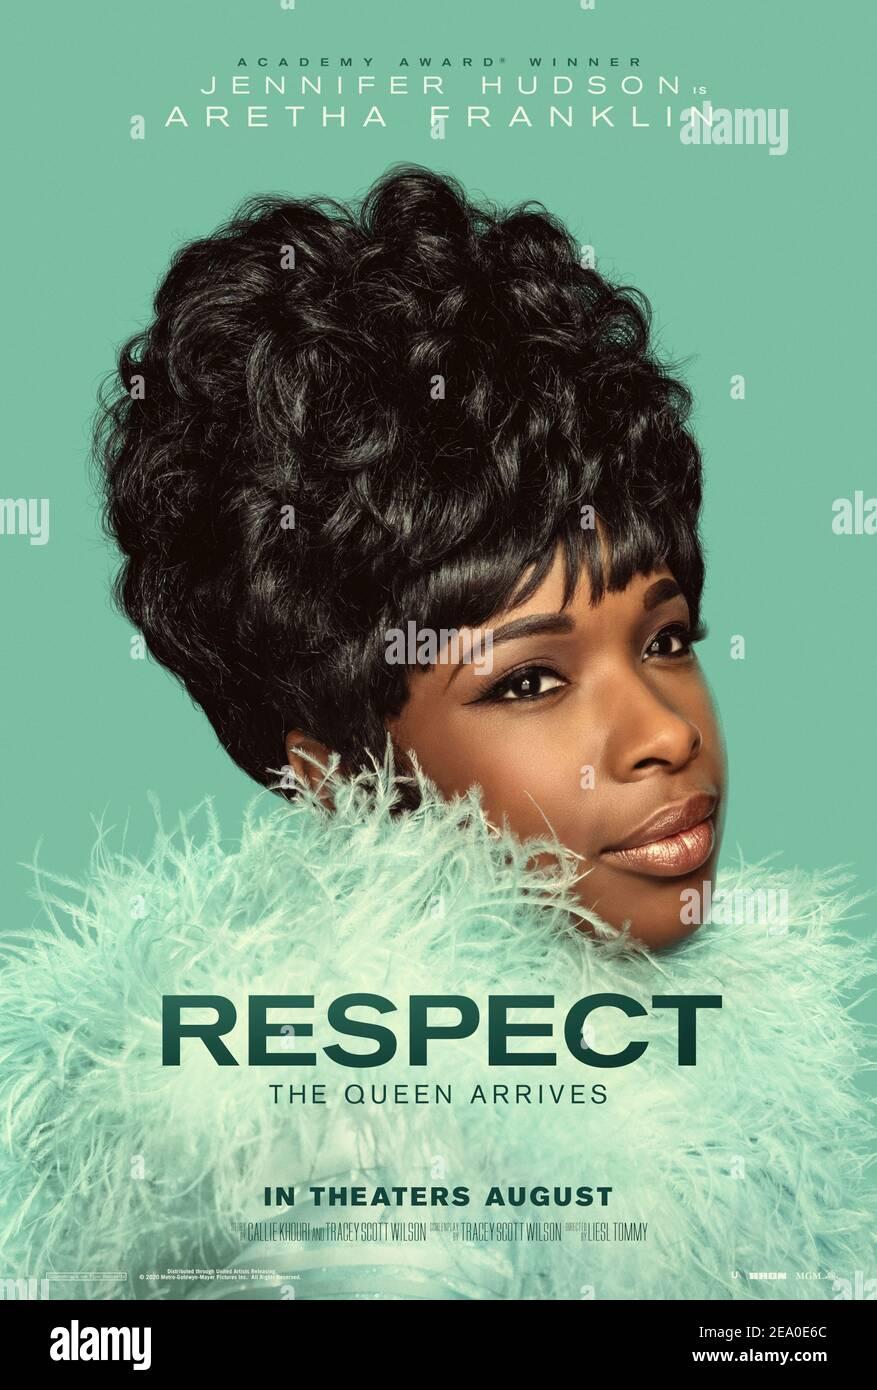 RESPECT (2020) diretto da Liesl Tommy e interpretato da Forest Whitaker, Tate Donovan, Marlon Wayans e Jennifer Hudson. Biopic circa la cantante di R&B Aretha Franklin che sceglie Jennifer Hudson per giocarla. Foto Stock